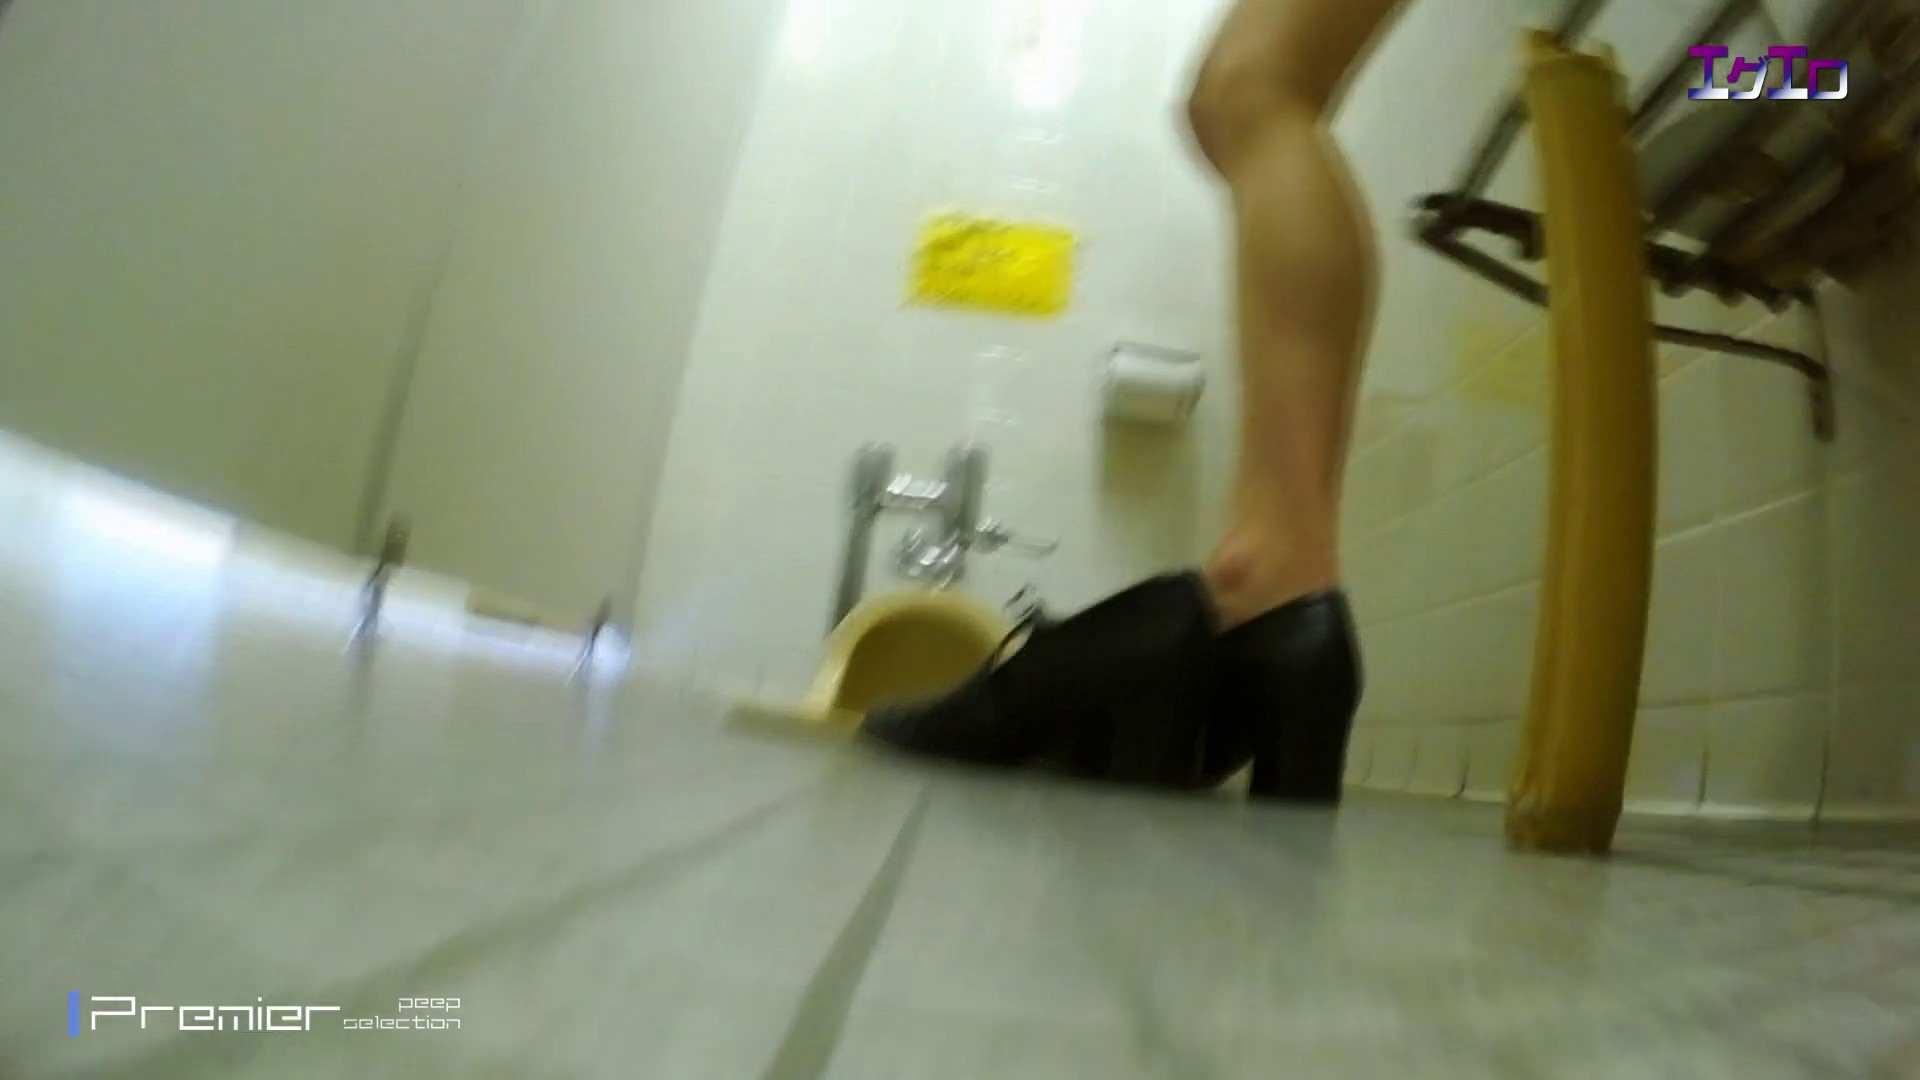 執念の撮影&追撮!!某女子校の通学路にあるトイレ 至近距離洗面所 Vol.16 トイレ  82pic 64